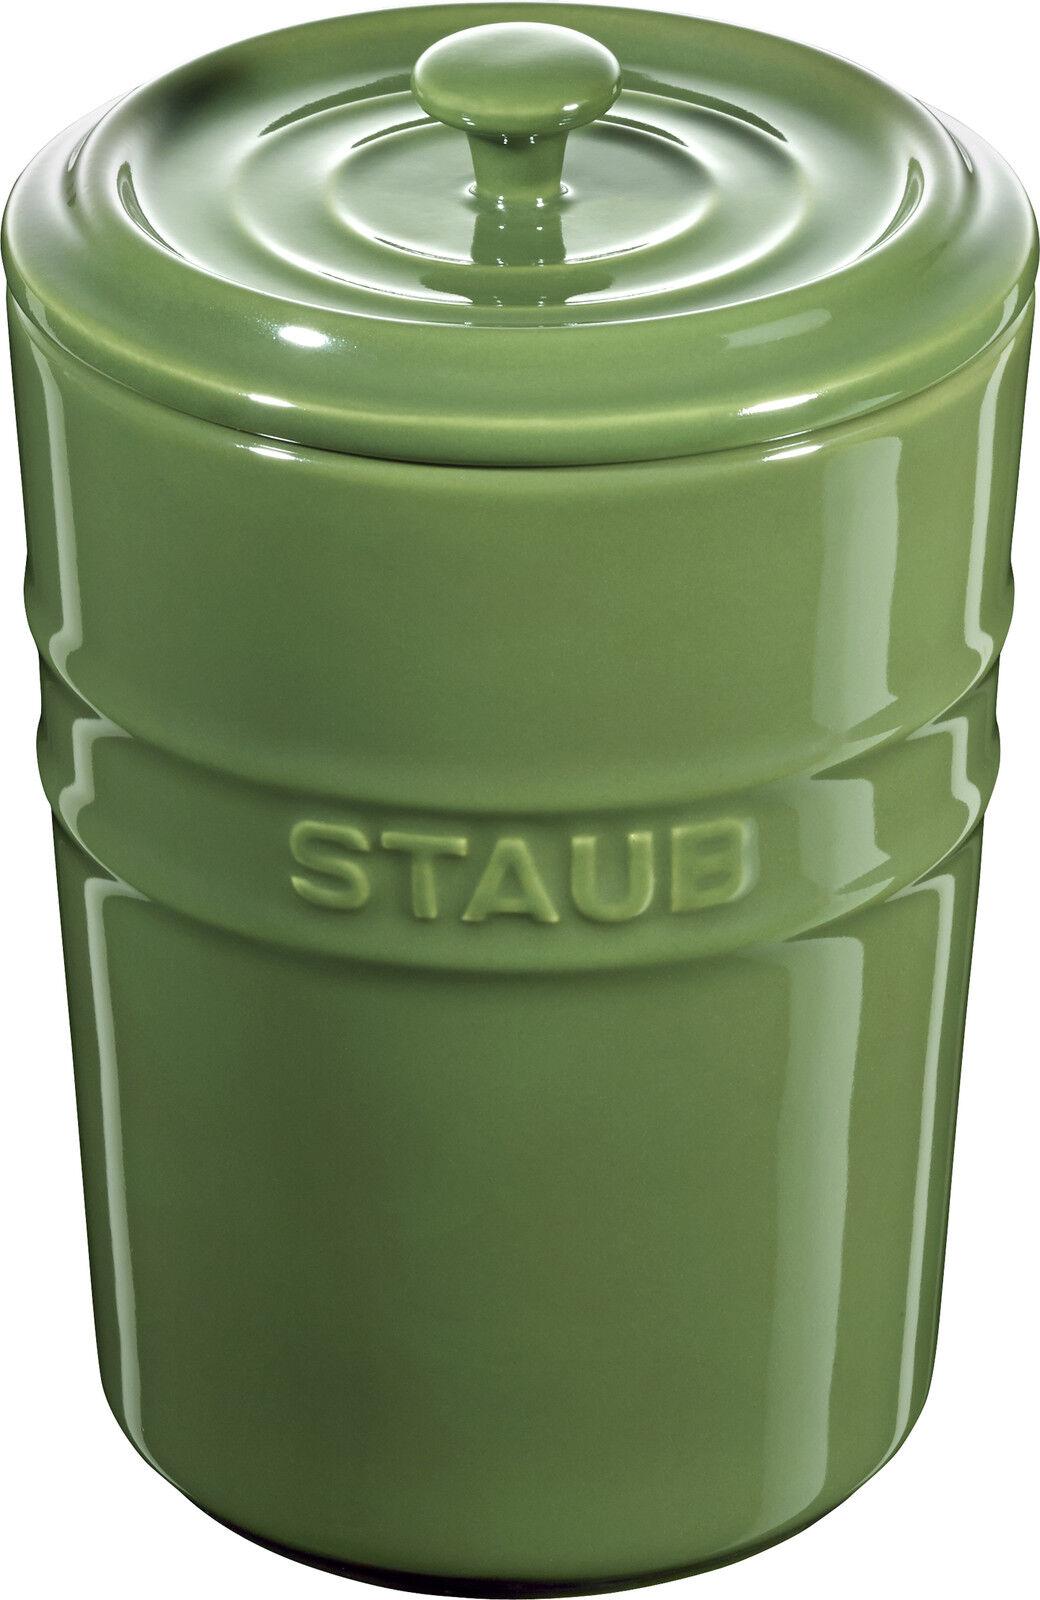 Staub Keramik Aufbewahrungsgefäß Vorratsdose rund Basilikumgrün 1L | Verschiedene Waren